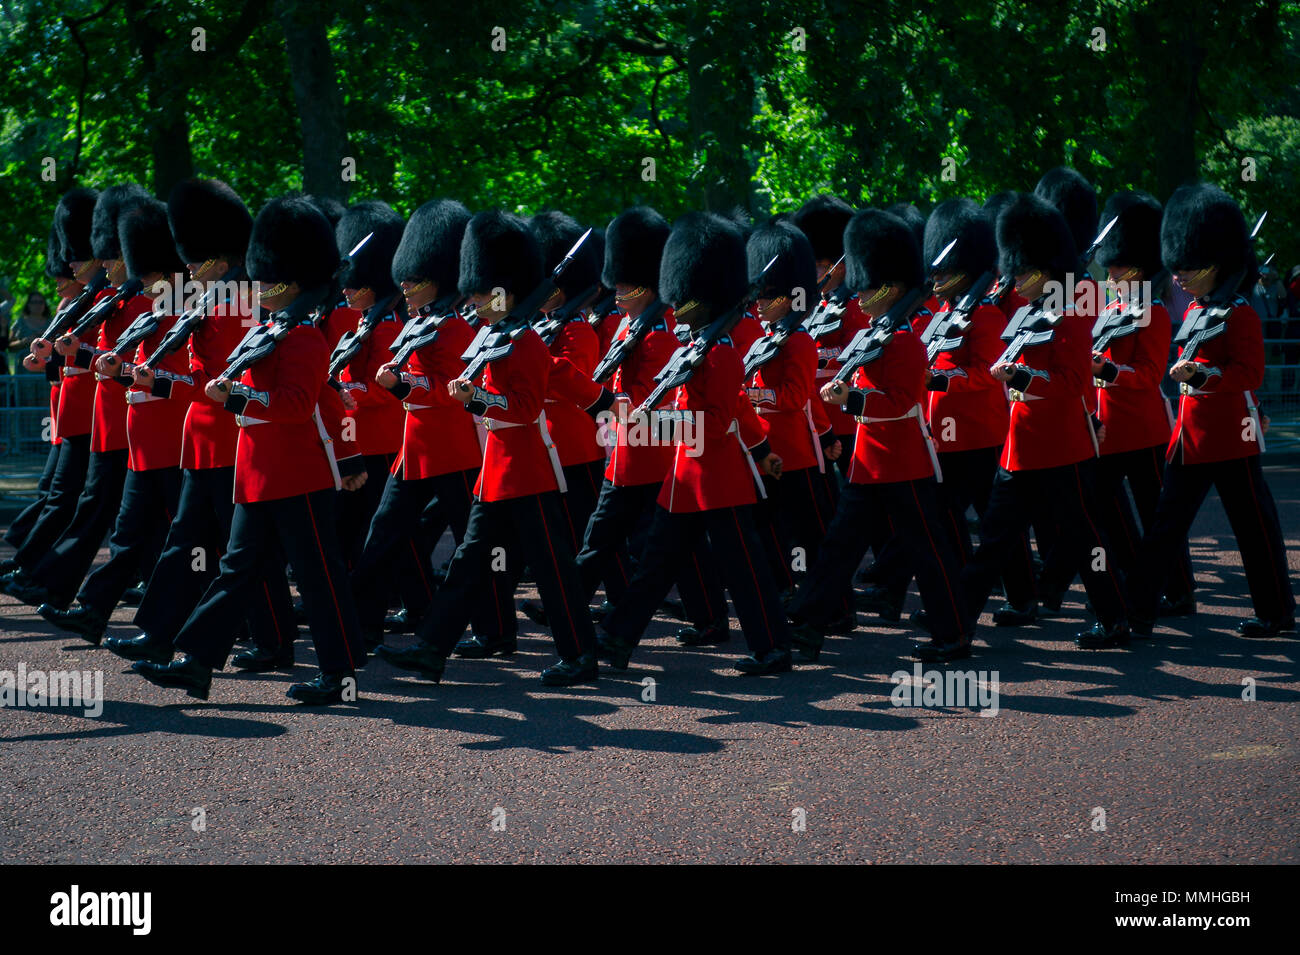 Parade Uniform Stock Photos & Parade Uniform Stock Images - Alamy